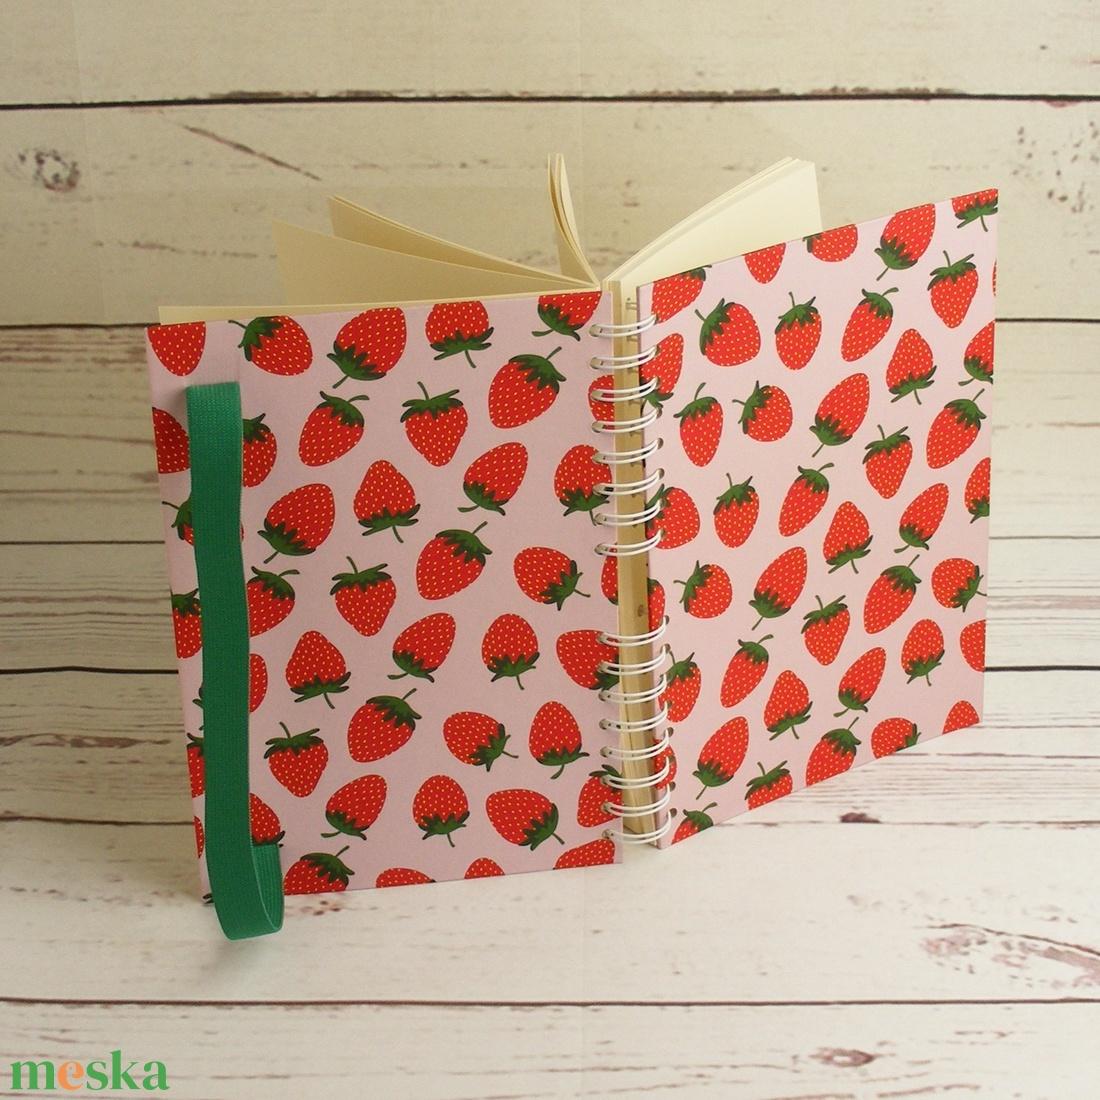 Epres füzet, spirálfüzet kemény borítóval, spirálozott jegyzetfüzet, gyümölcsmintás notesz zöld gumival, nyári színek - otthon & lakás - papír írószer - jegyzetfüzet & napló - Meska.hu